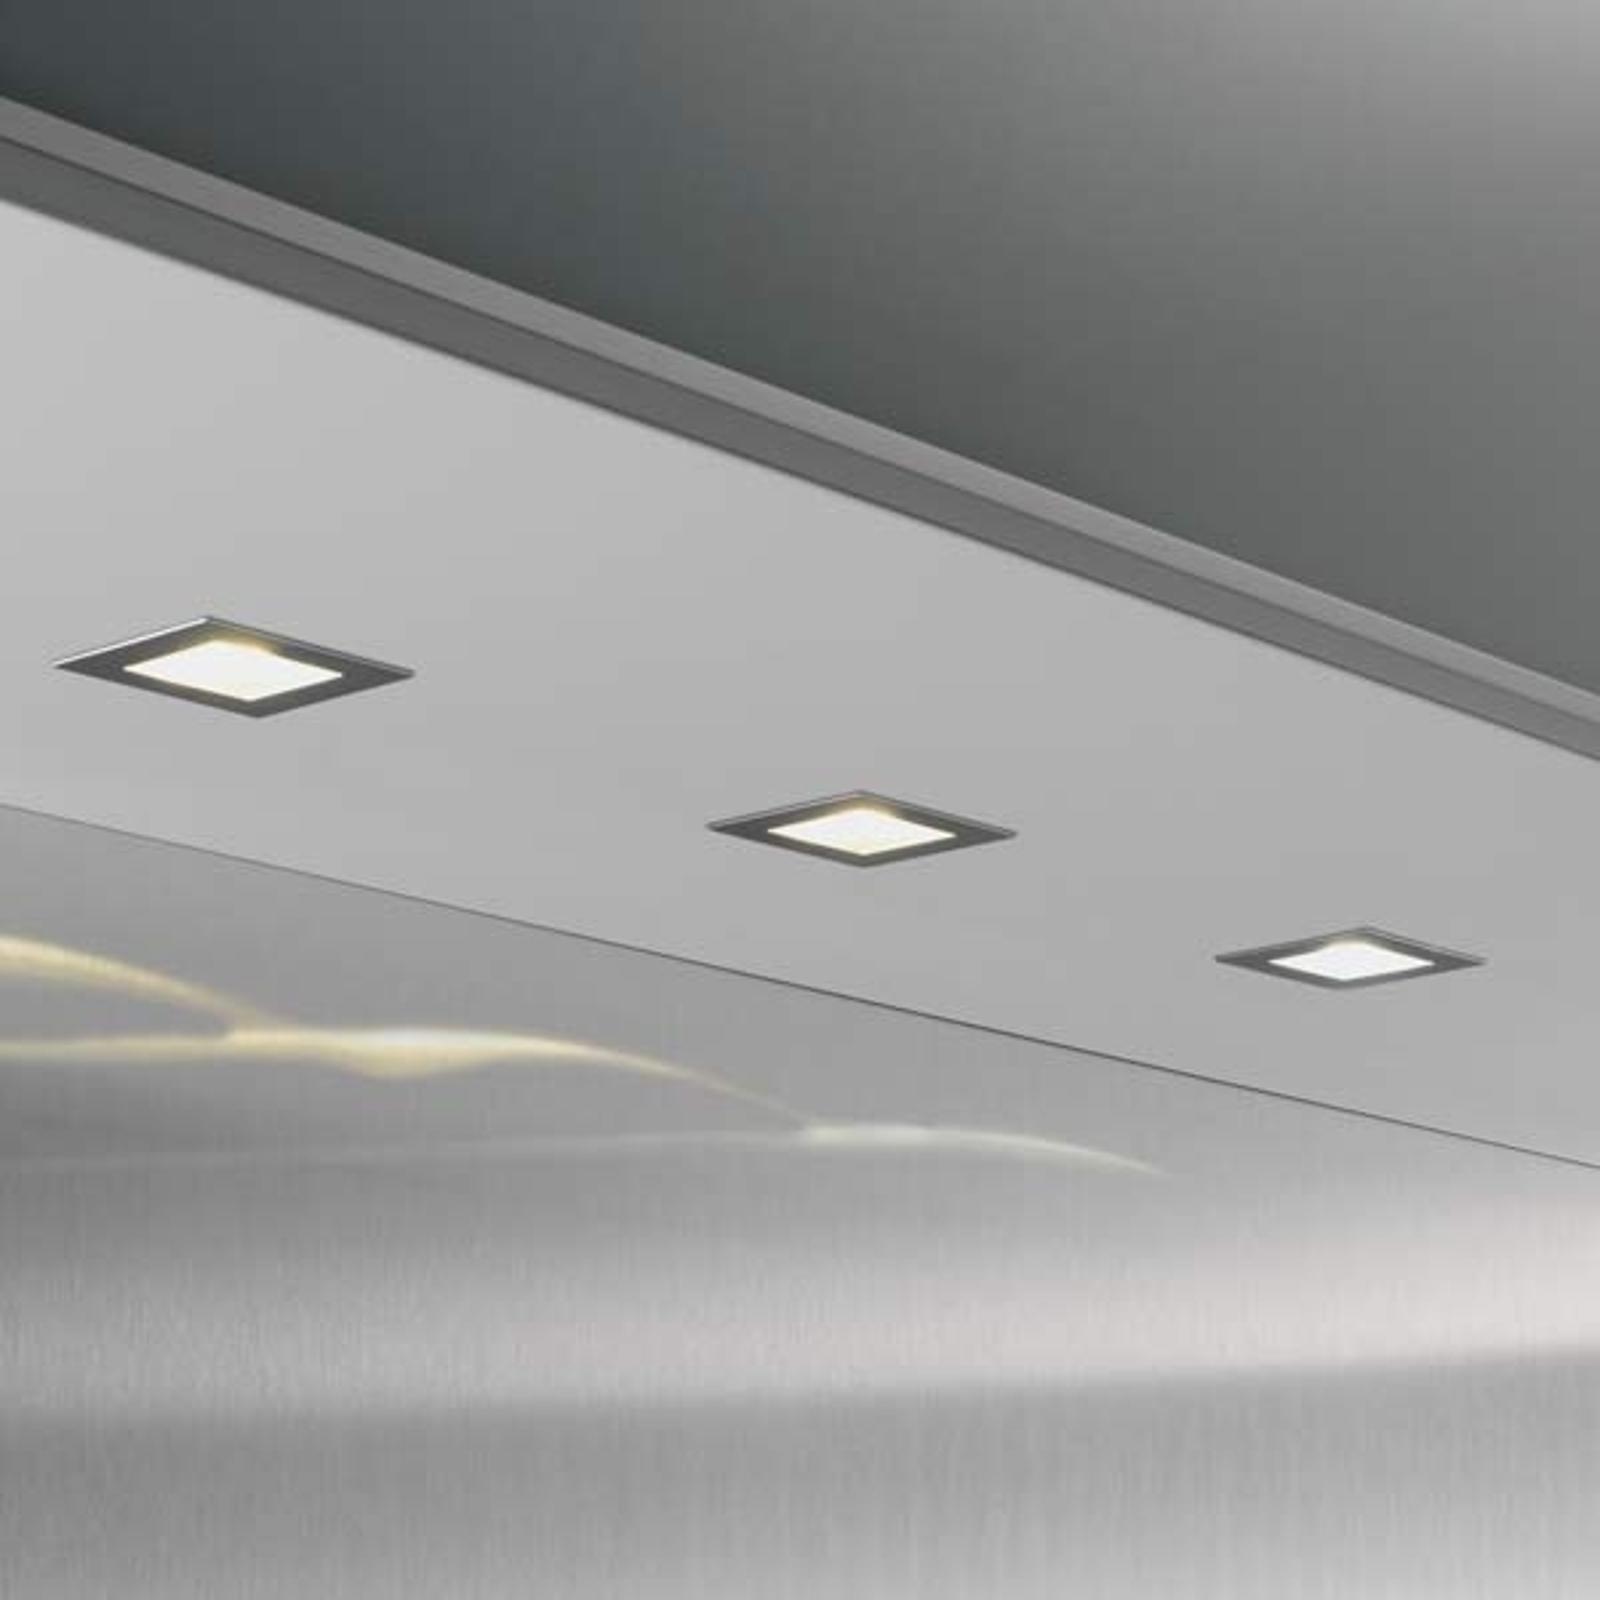 3-er Set Cubic 68 eckige LED-Einbauleuchte 2700 K